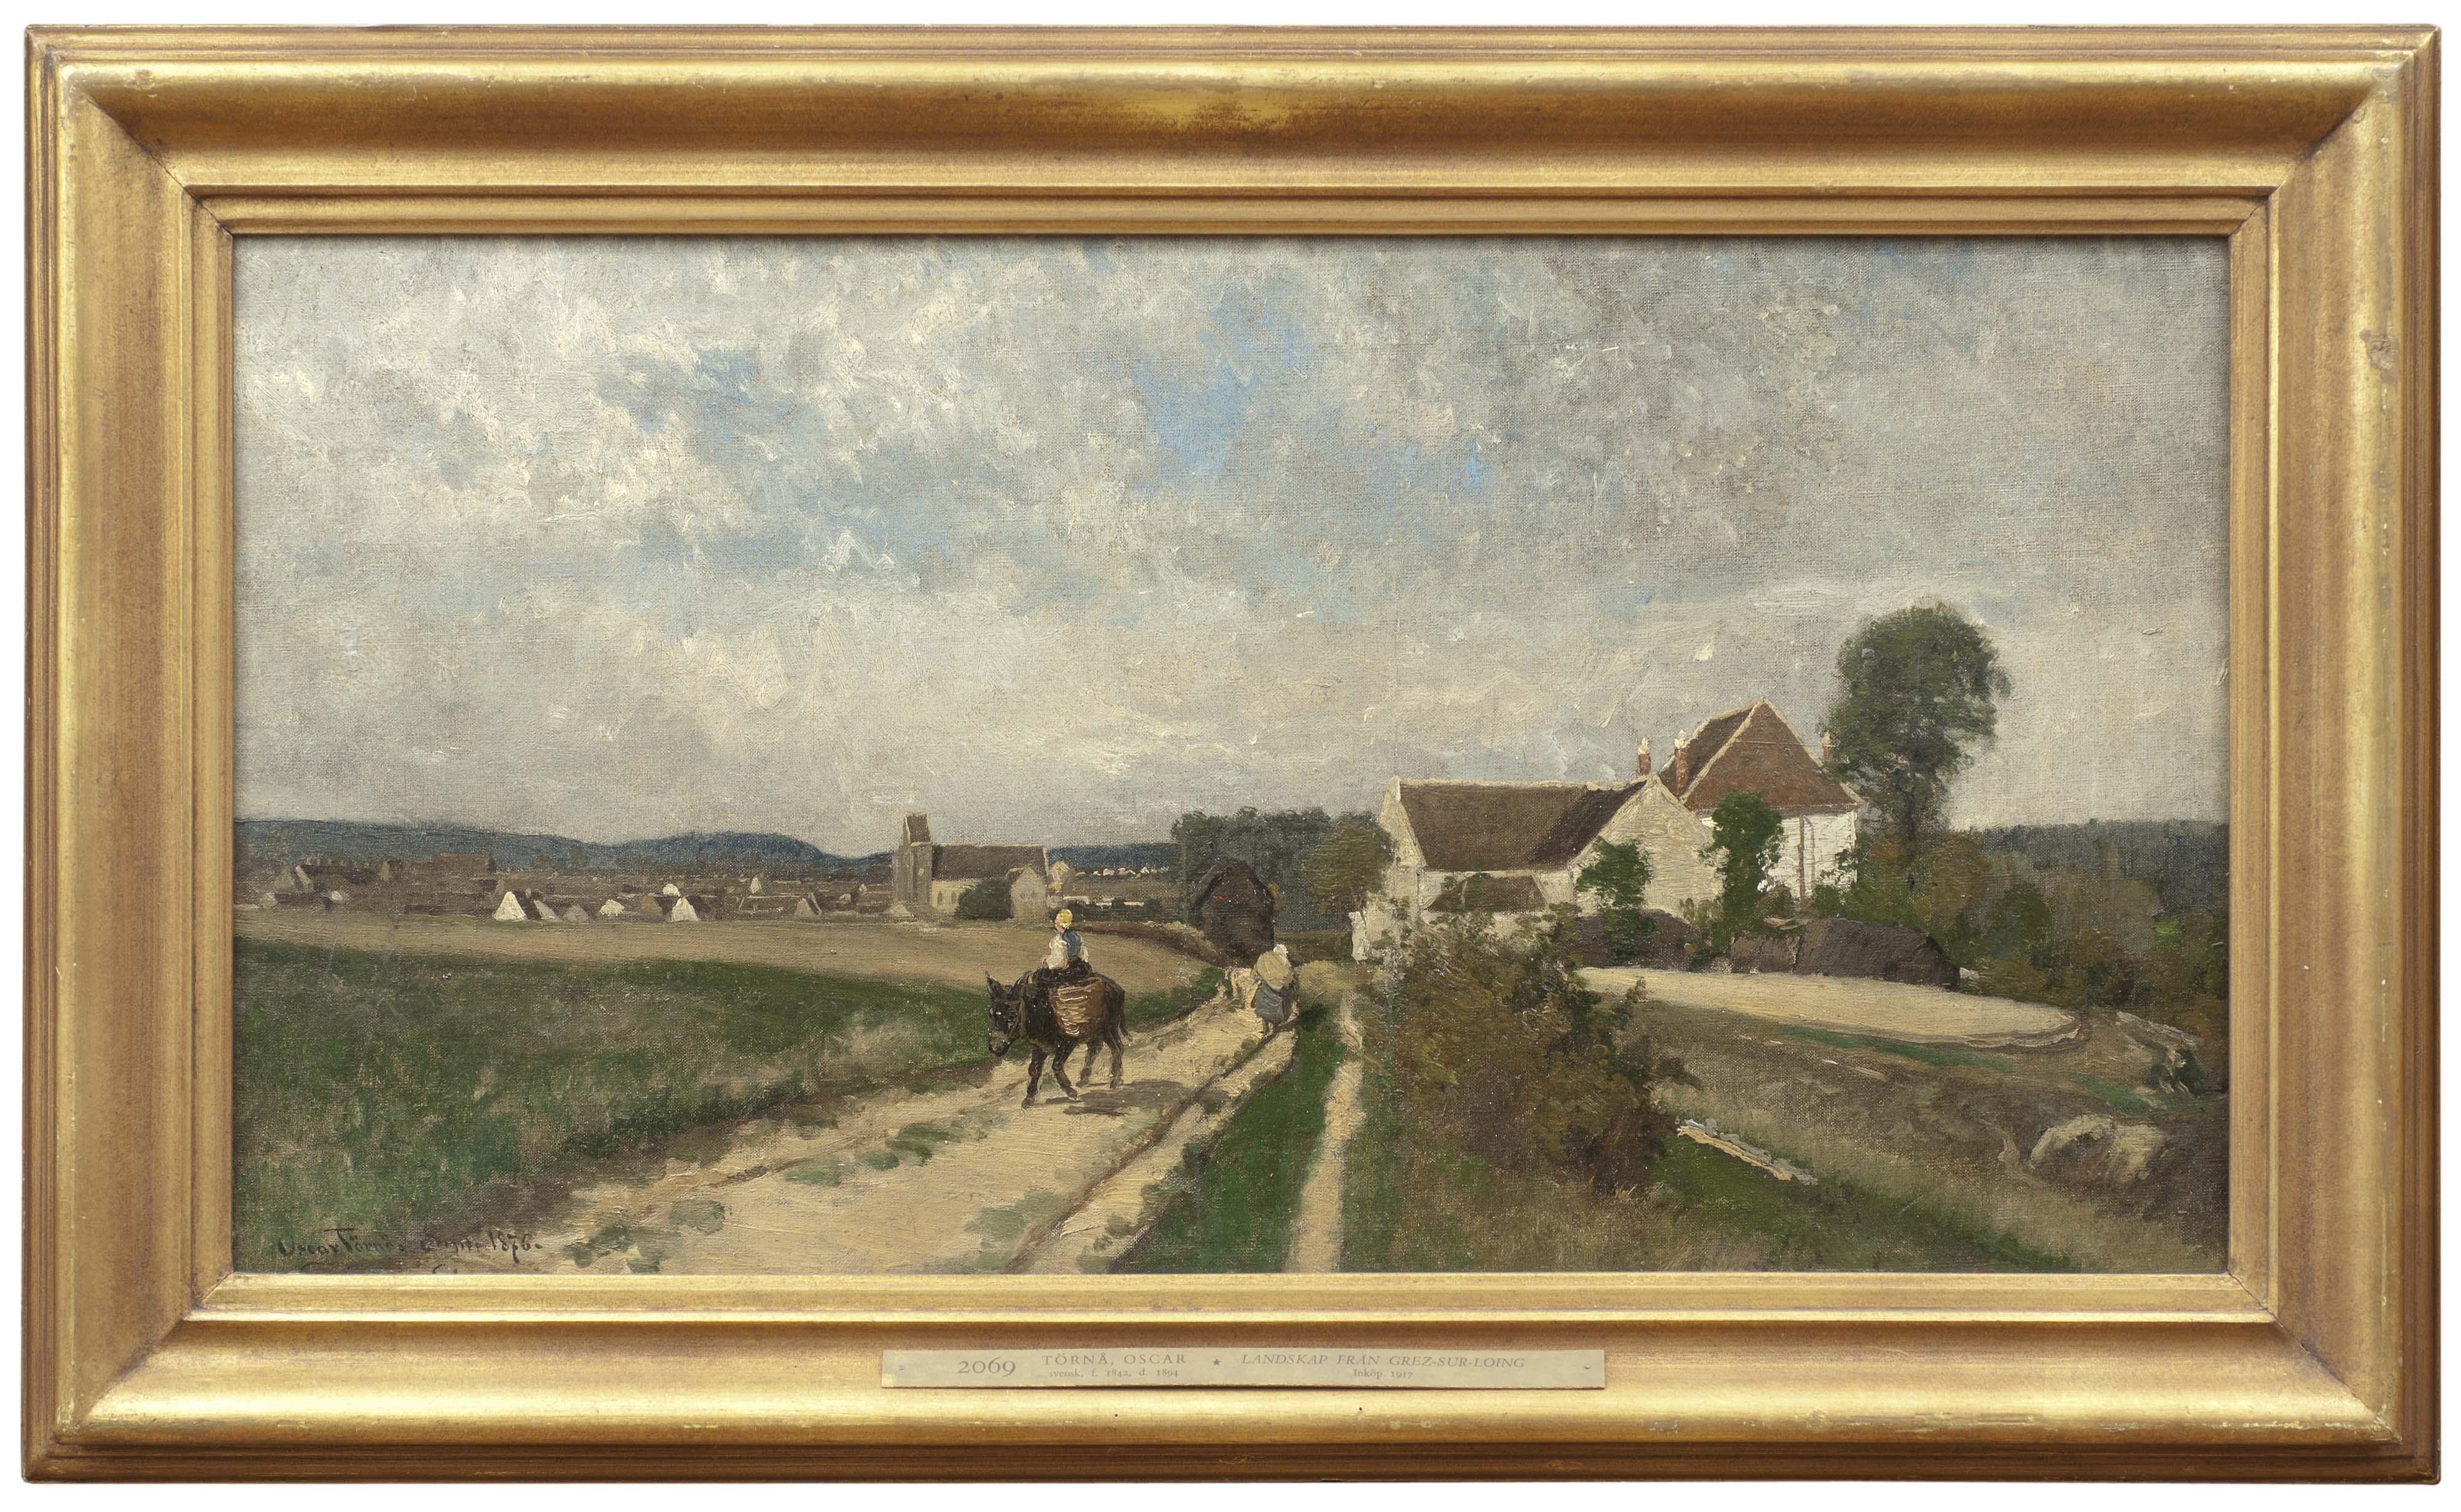 Oscar Törnå, Landskap från Grez-sur-Loing, 1876, olja på duk. Foto: Nationalmuseum